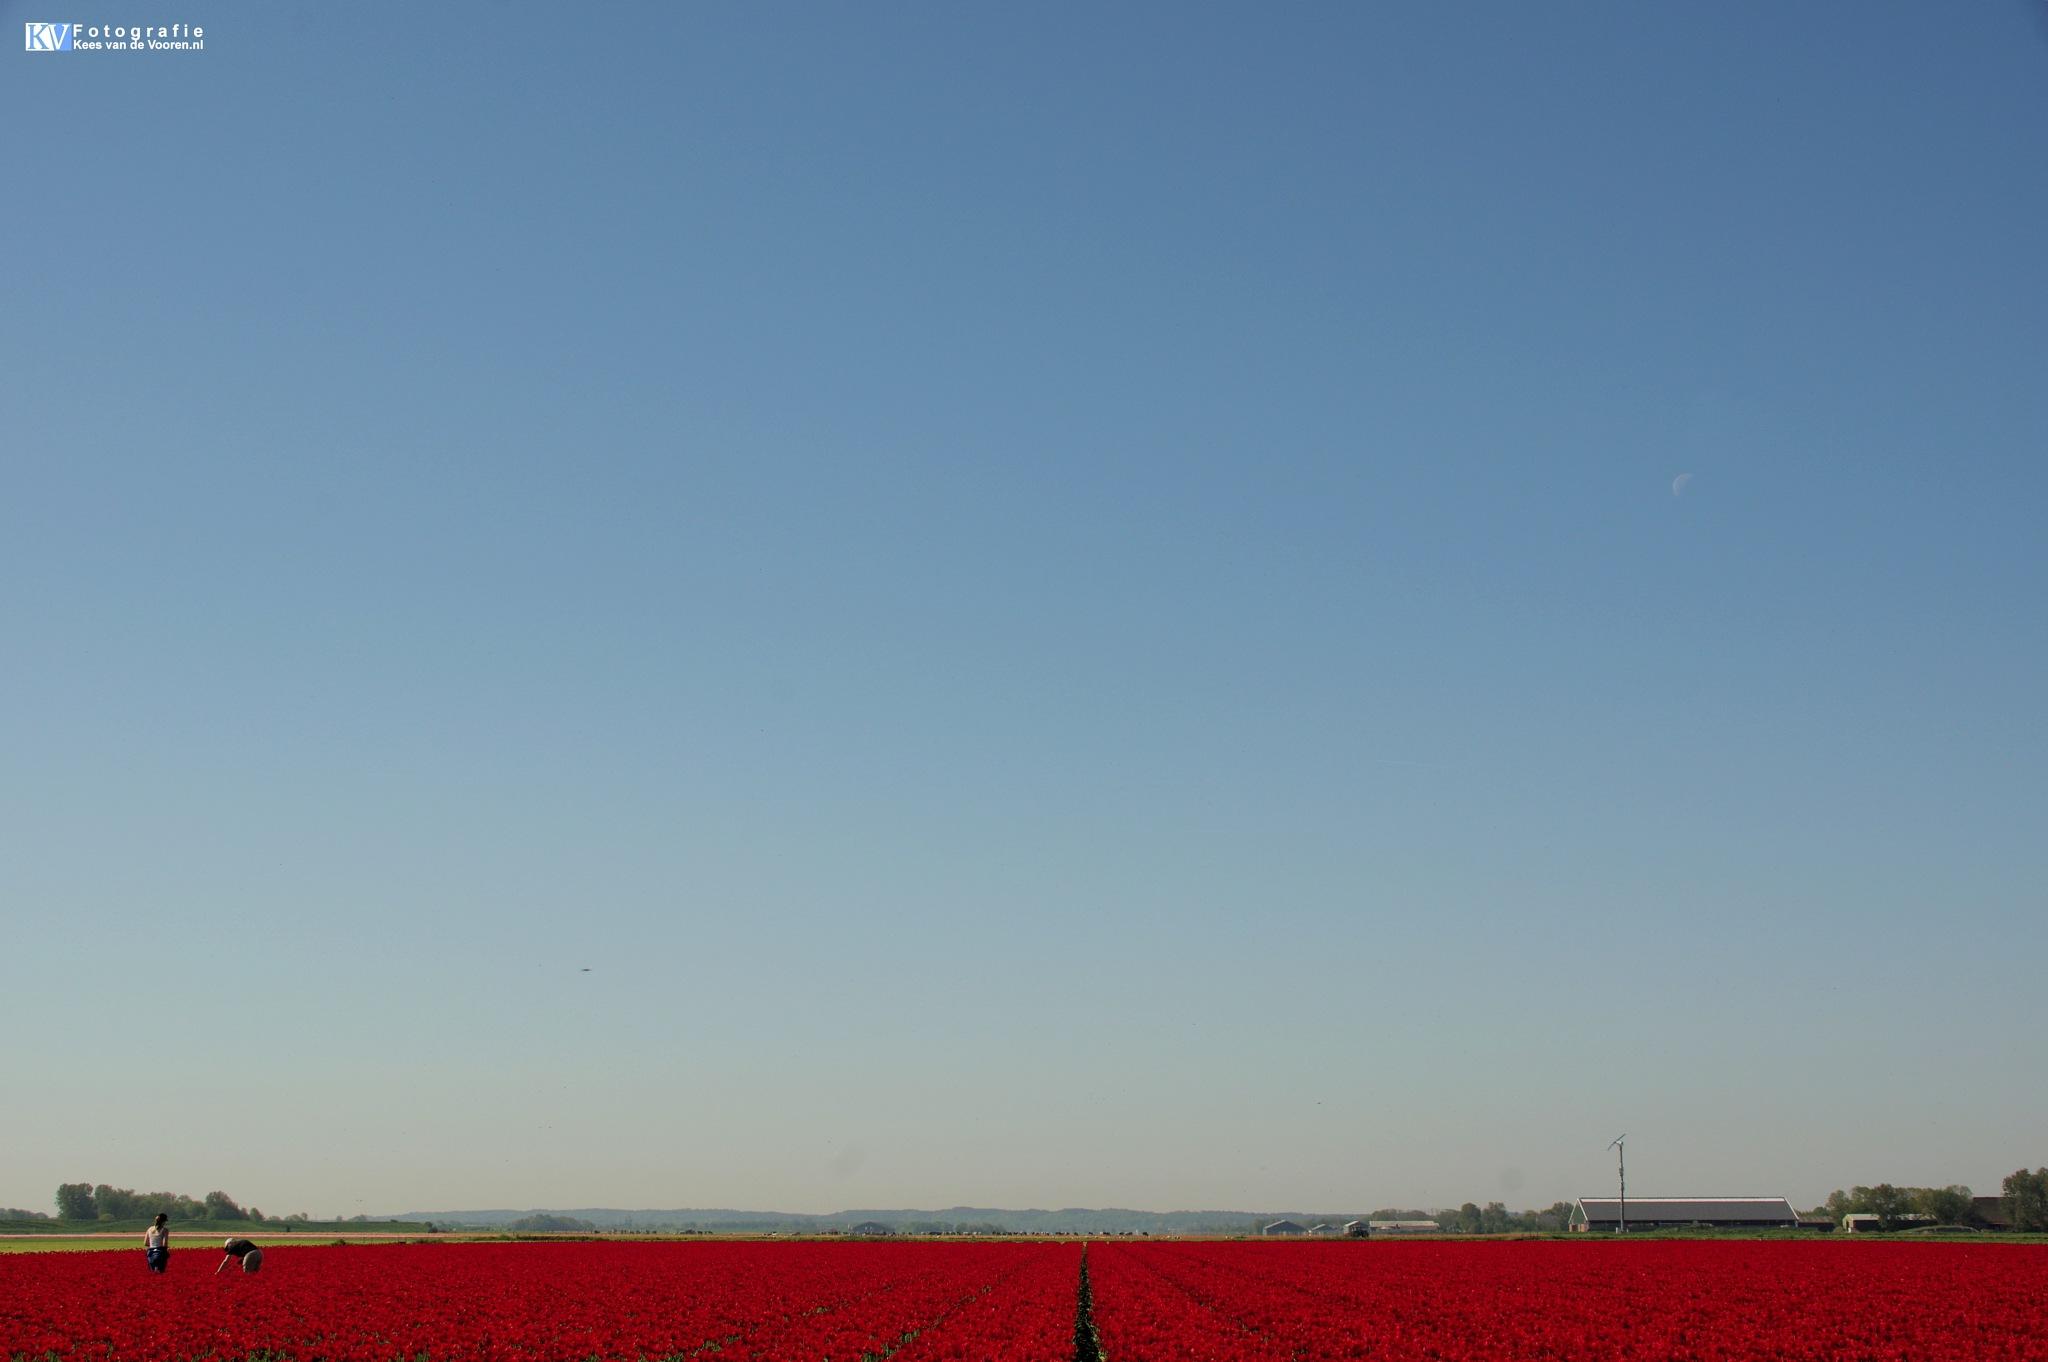 Red Bulb fields by Kees van de  Vooren